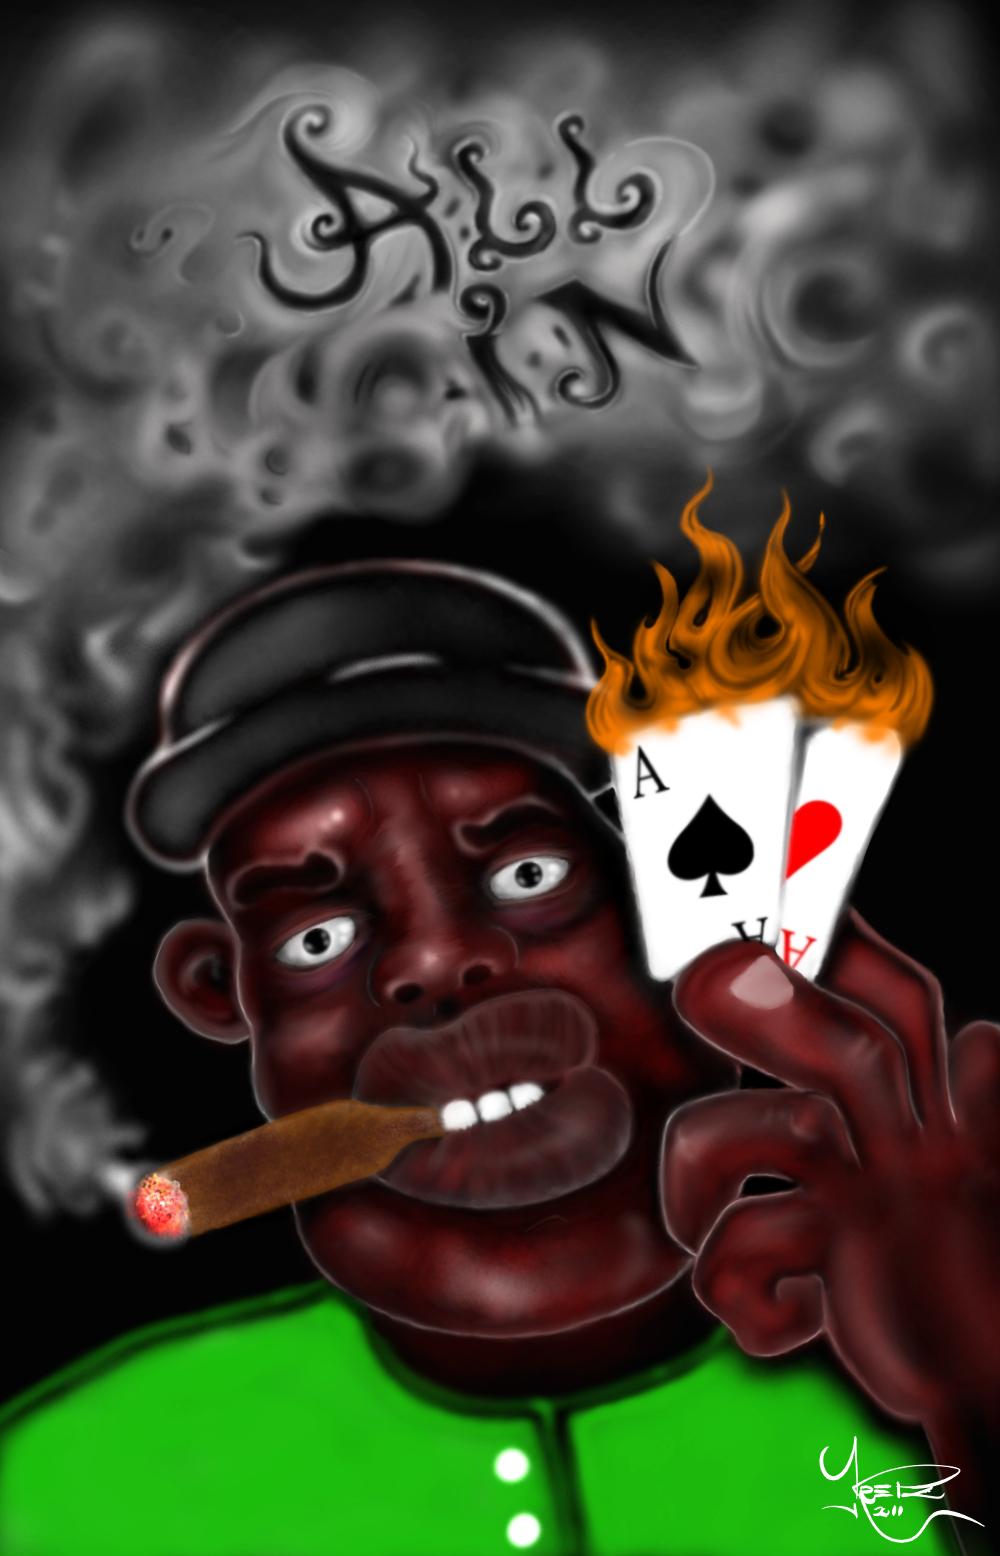 Big Smoke - All in